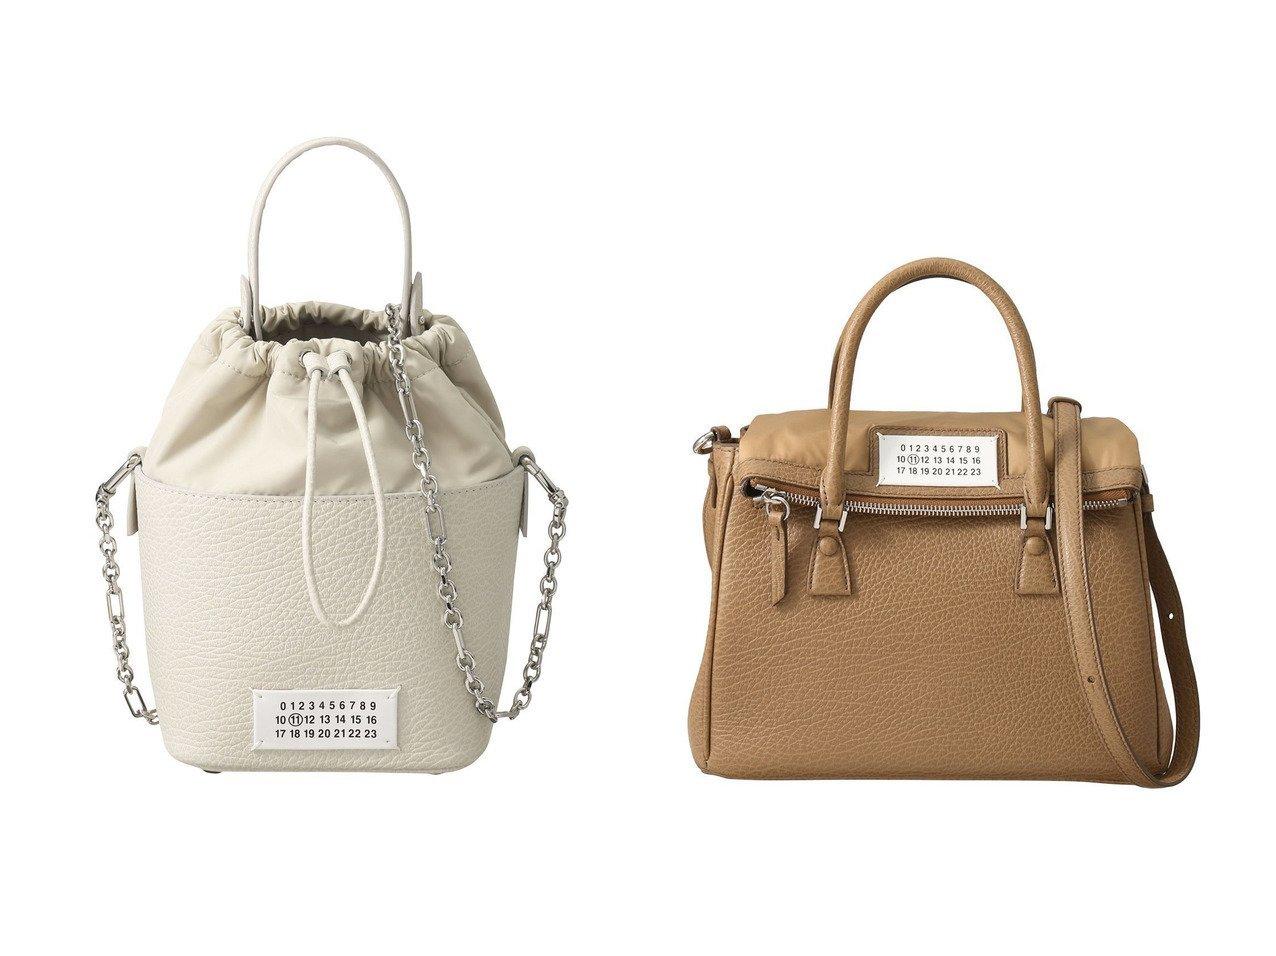 【MAISON MARGIELA/メゾン マルジェラ】の5ACバケットバッグ&5AC ハンドバッグ おすすめ!人気、トレンド・レディースファッションの通販 おすすめで人気の流行・トレンド、ファッションの通販商品 メンズファッション・キッズファッション・インテリア・家具・レディースファッション・服の通販 founy(ファニー) https://founy.com/ ファッション Fashion レディースファッション WOMEN バッグ Bag 2021年 2021 2021 春夏 S/S SS Spring/Summer 2021 S/S 春夏 SS Spring/Summer コレクション コンパクト ハンドバッグ フォルム 人気 春 Spring |ID:crp329100000016888